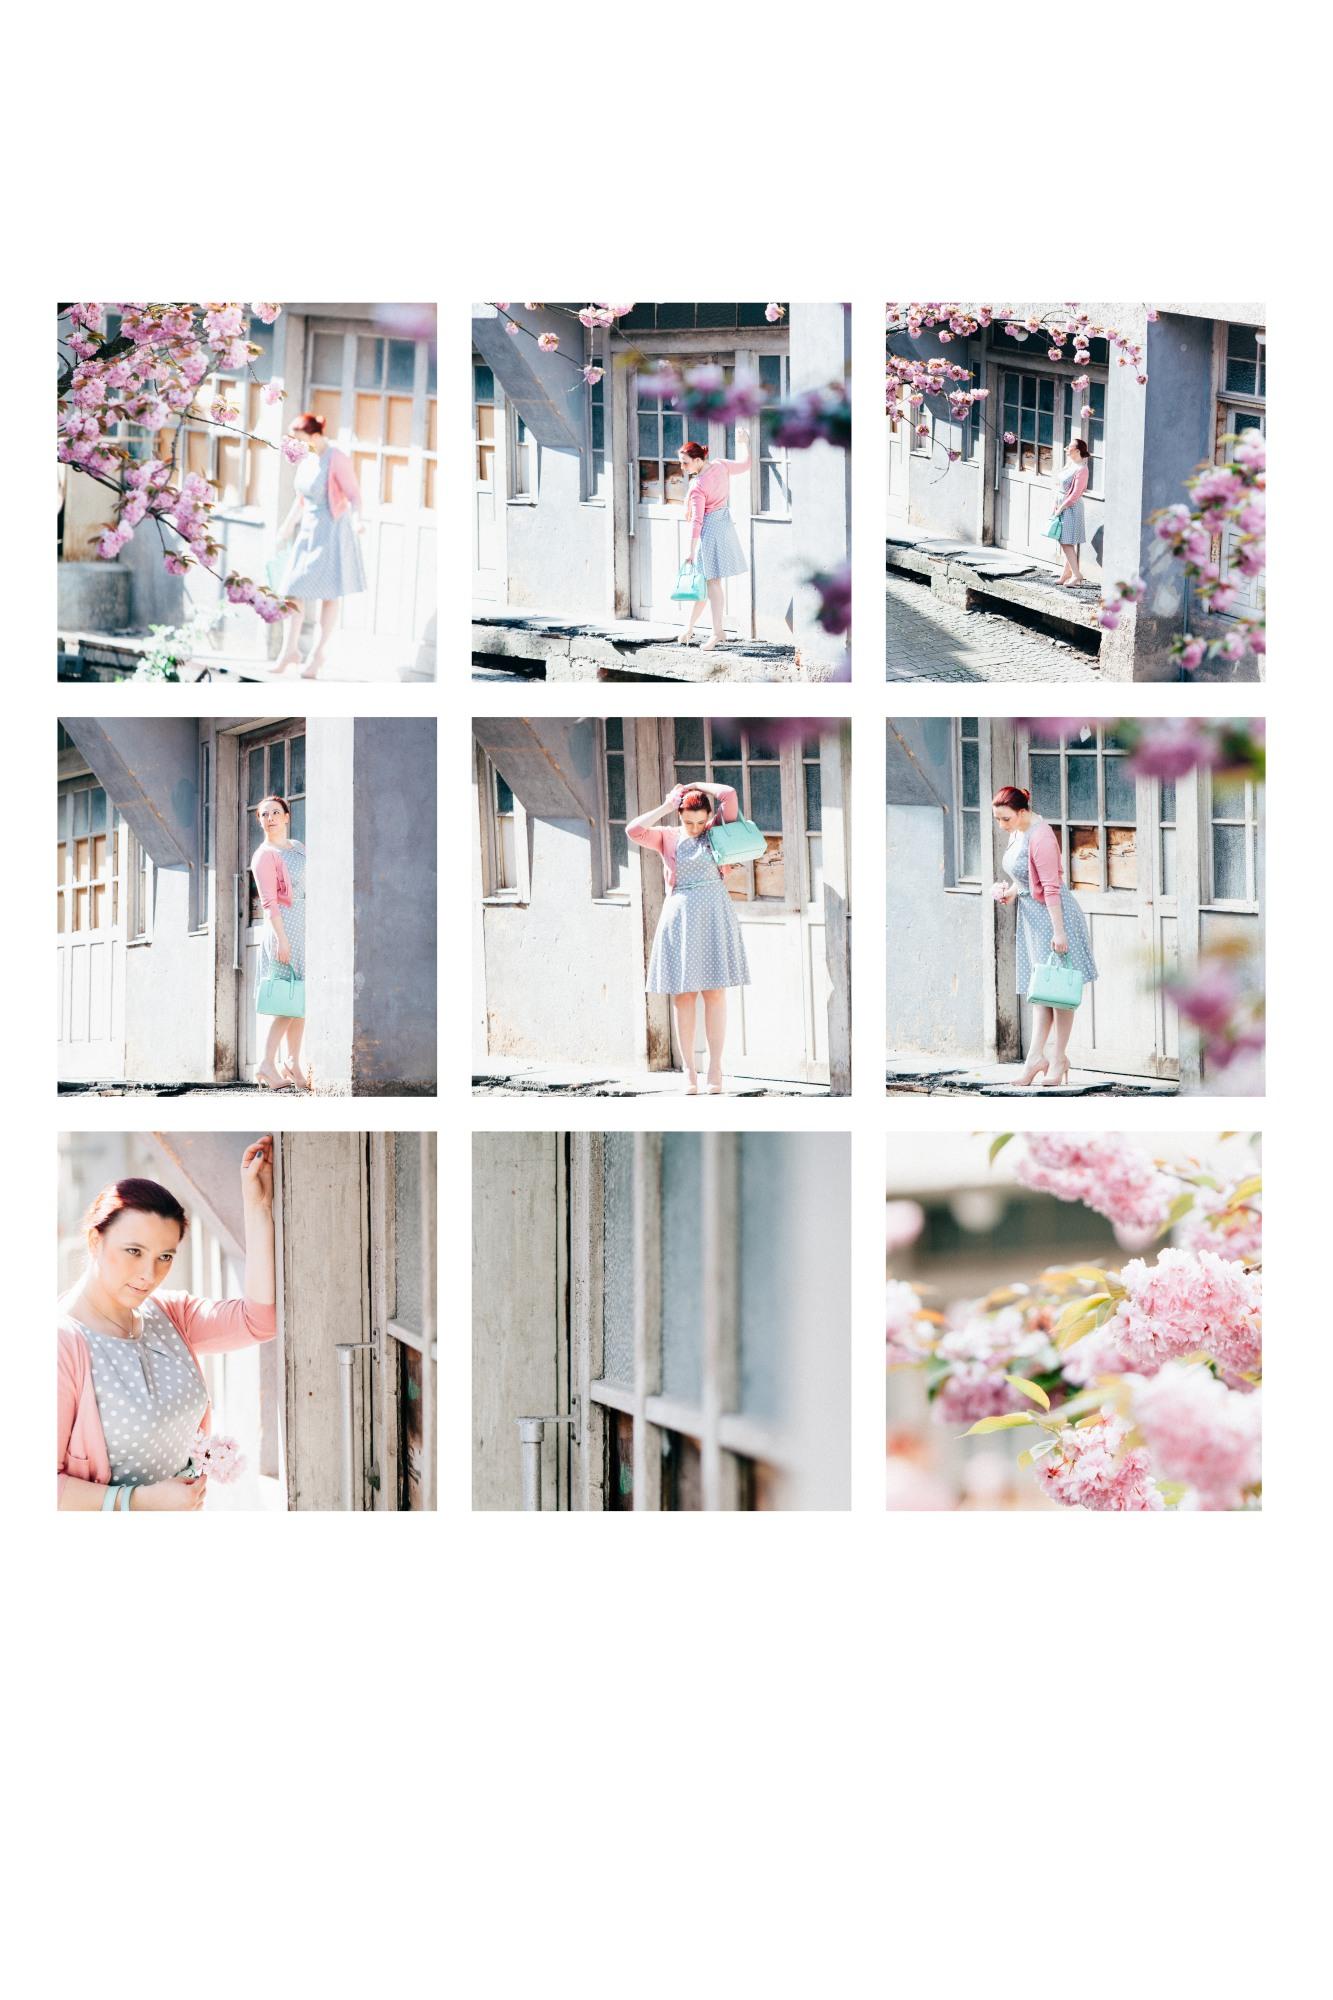 Lichtwert-BestOf_JCHuesch_Cherry-blossom-girl.jpg